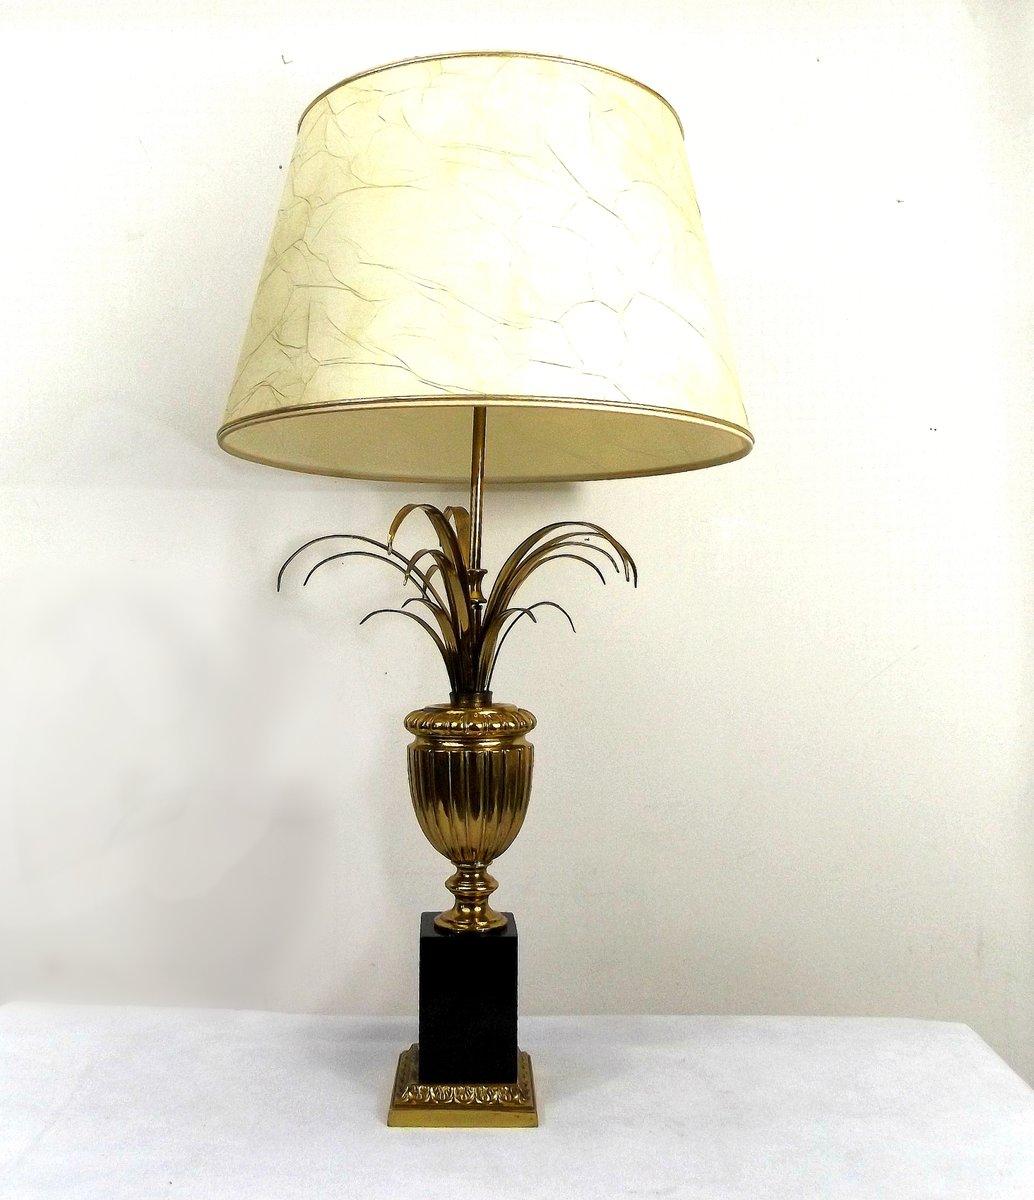 lampe de bureau feuille d ananas en laiton france 1970s en vente sur pamono. Black Bedroom Furniture Sets. Home Design Ideas